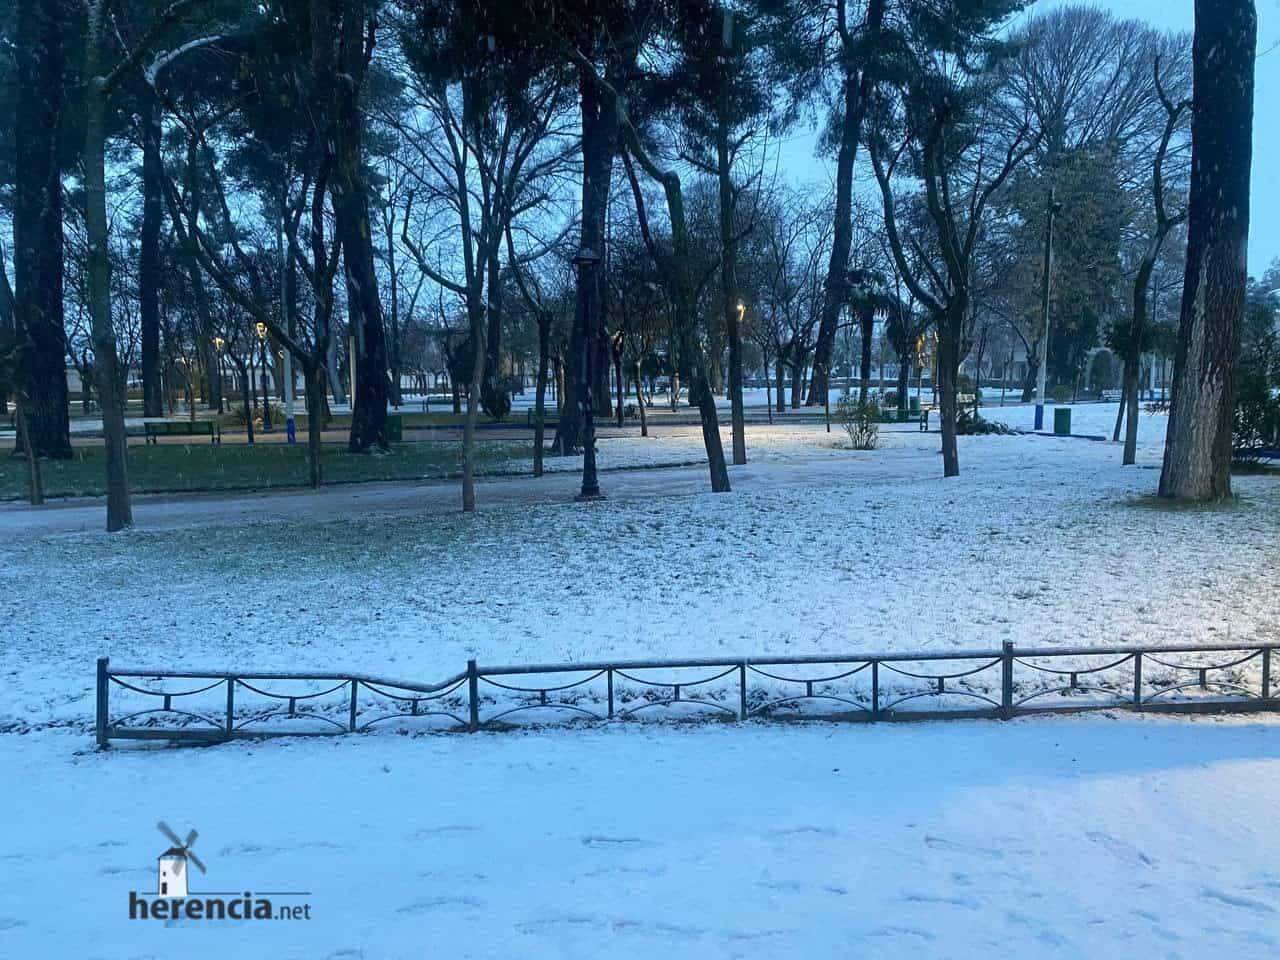 Fotografías de la nevada en Herencia (Ciudad Real) 63